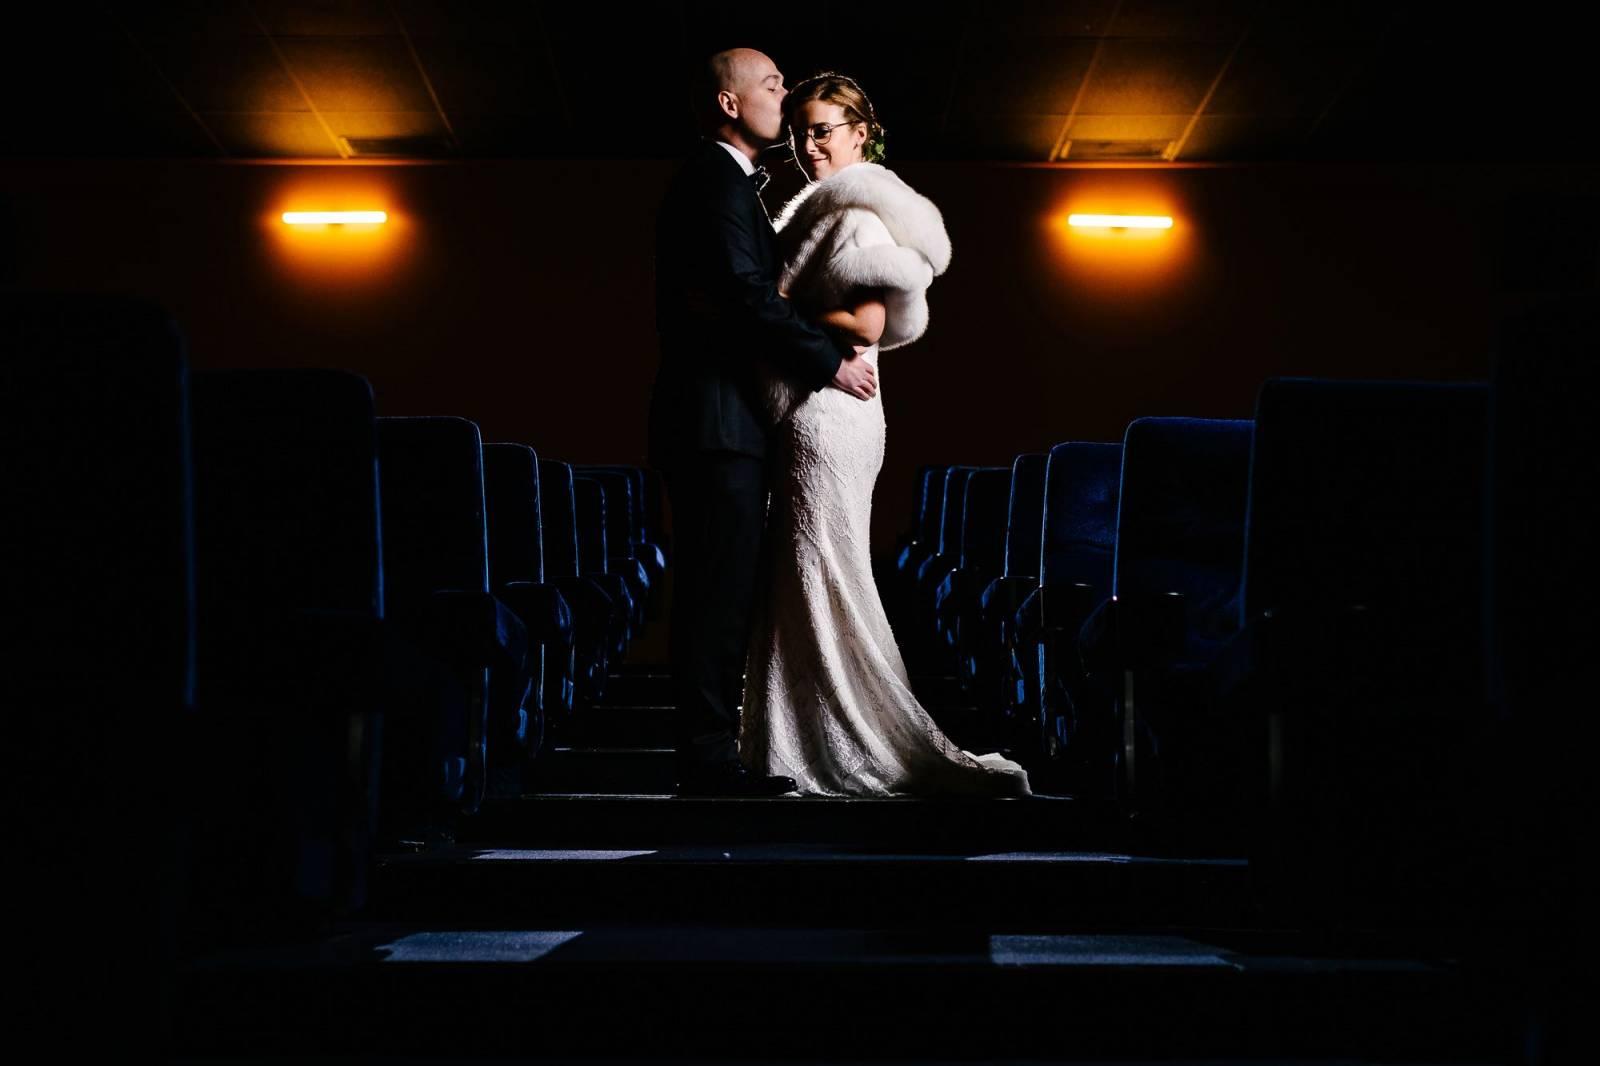 Jonas De Gent - Huwelijksfotograaf - House of Weddings - 7